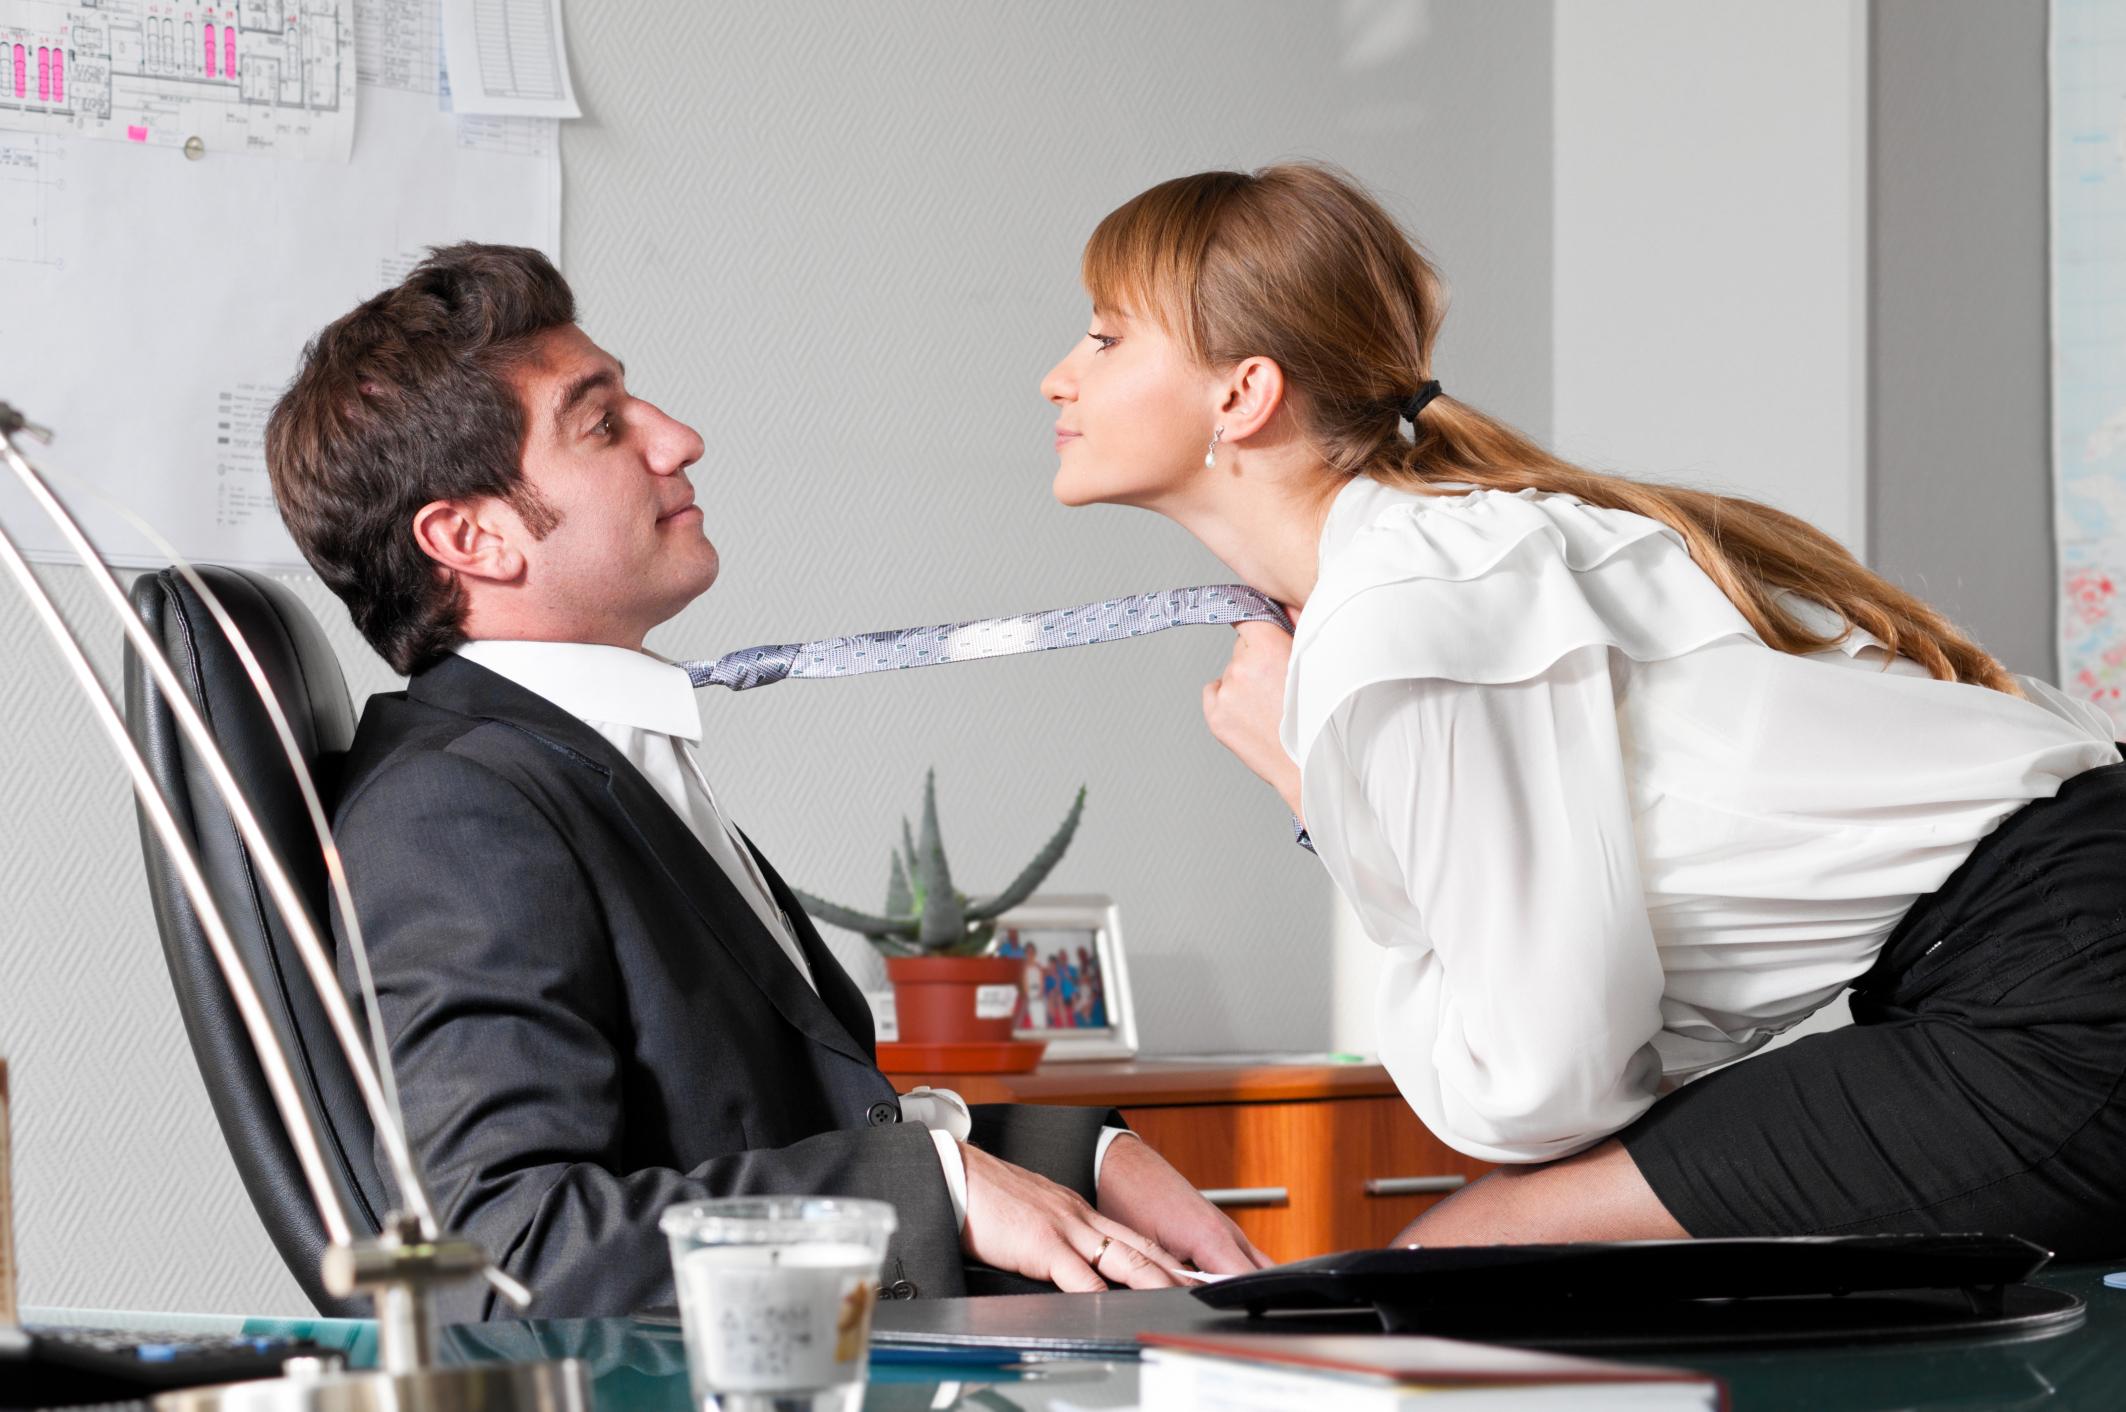 Заставляет девушка пристает к мужчине видеонаблюдение квартире